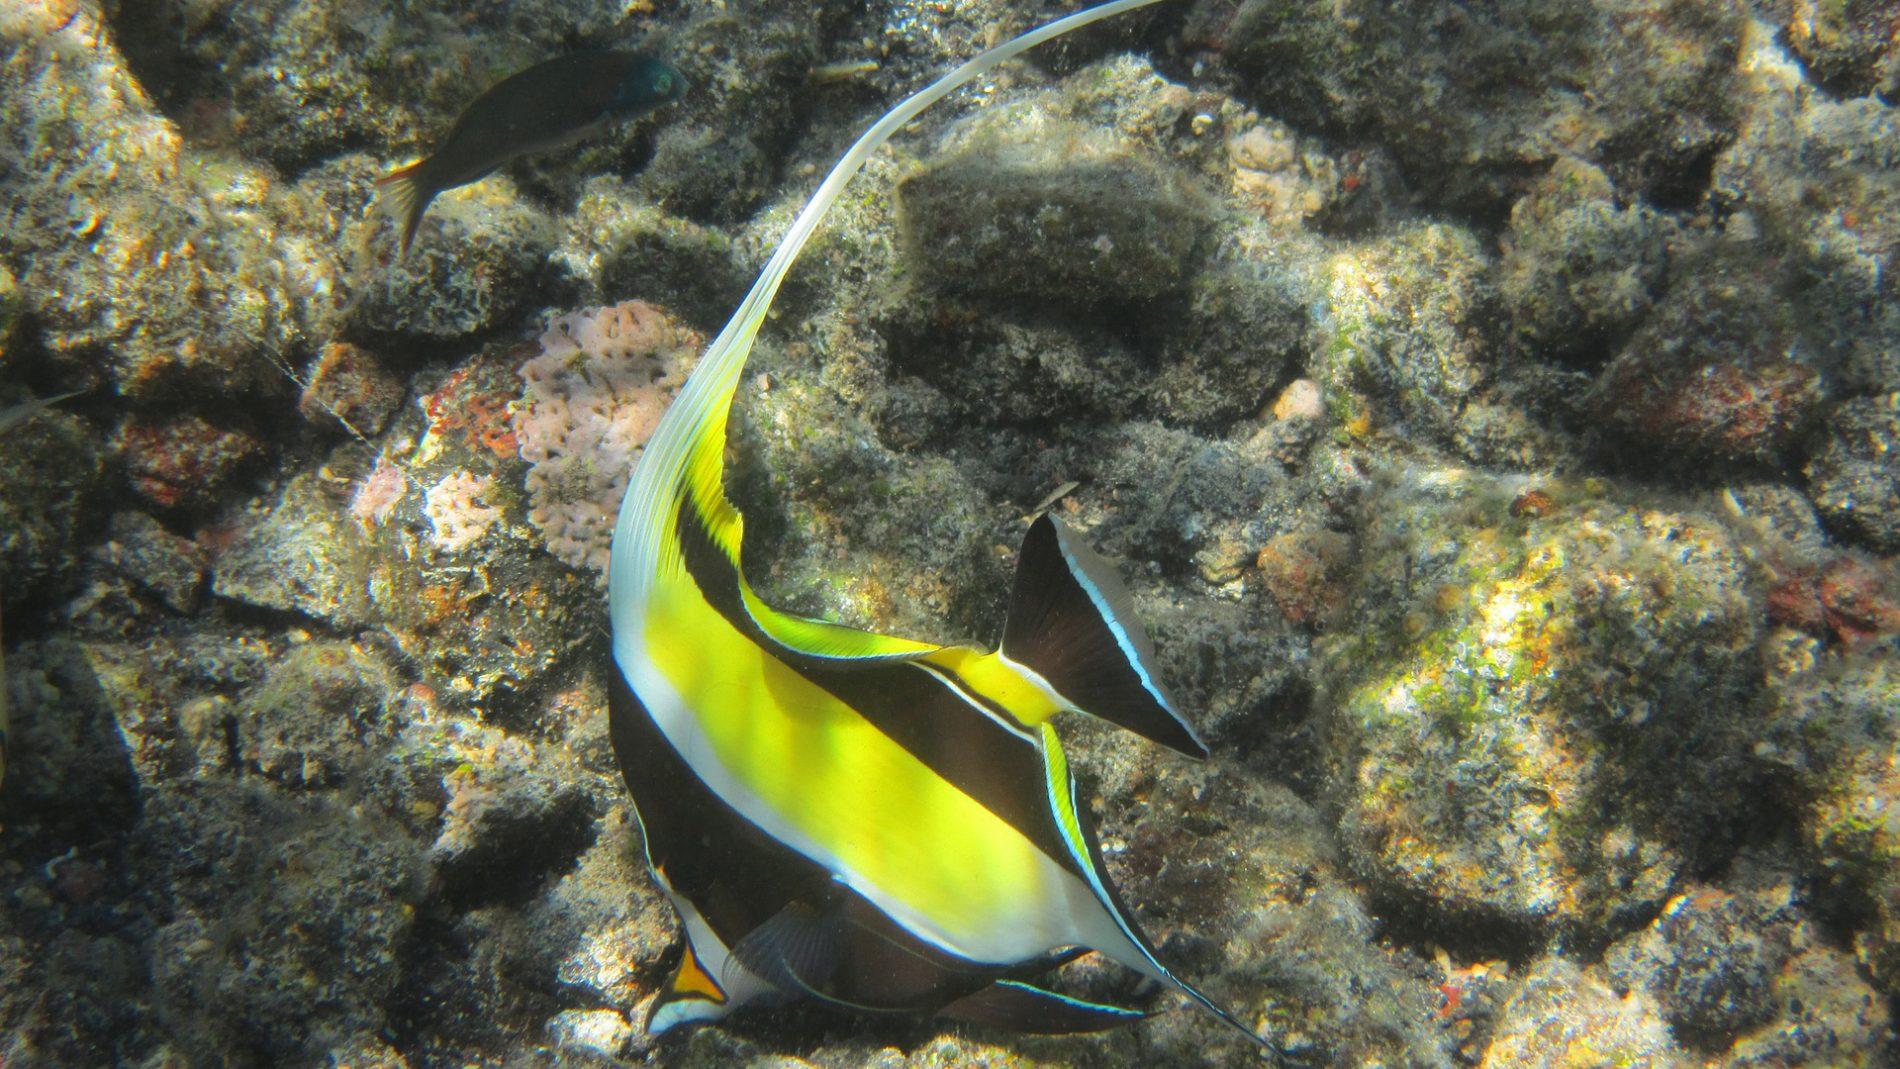 노란색에 검정색 흰색 패턴이 있고 윗지느러미가 얇고 길다